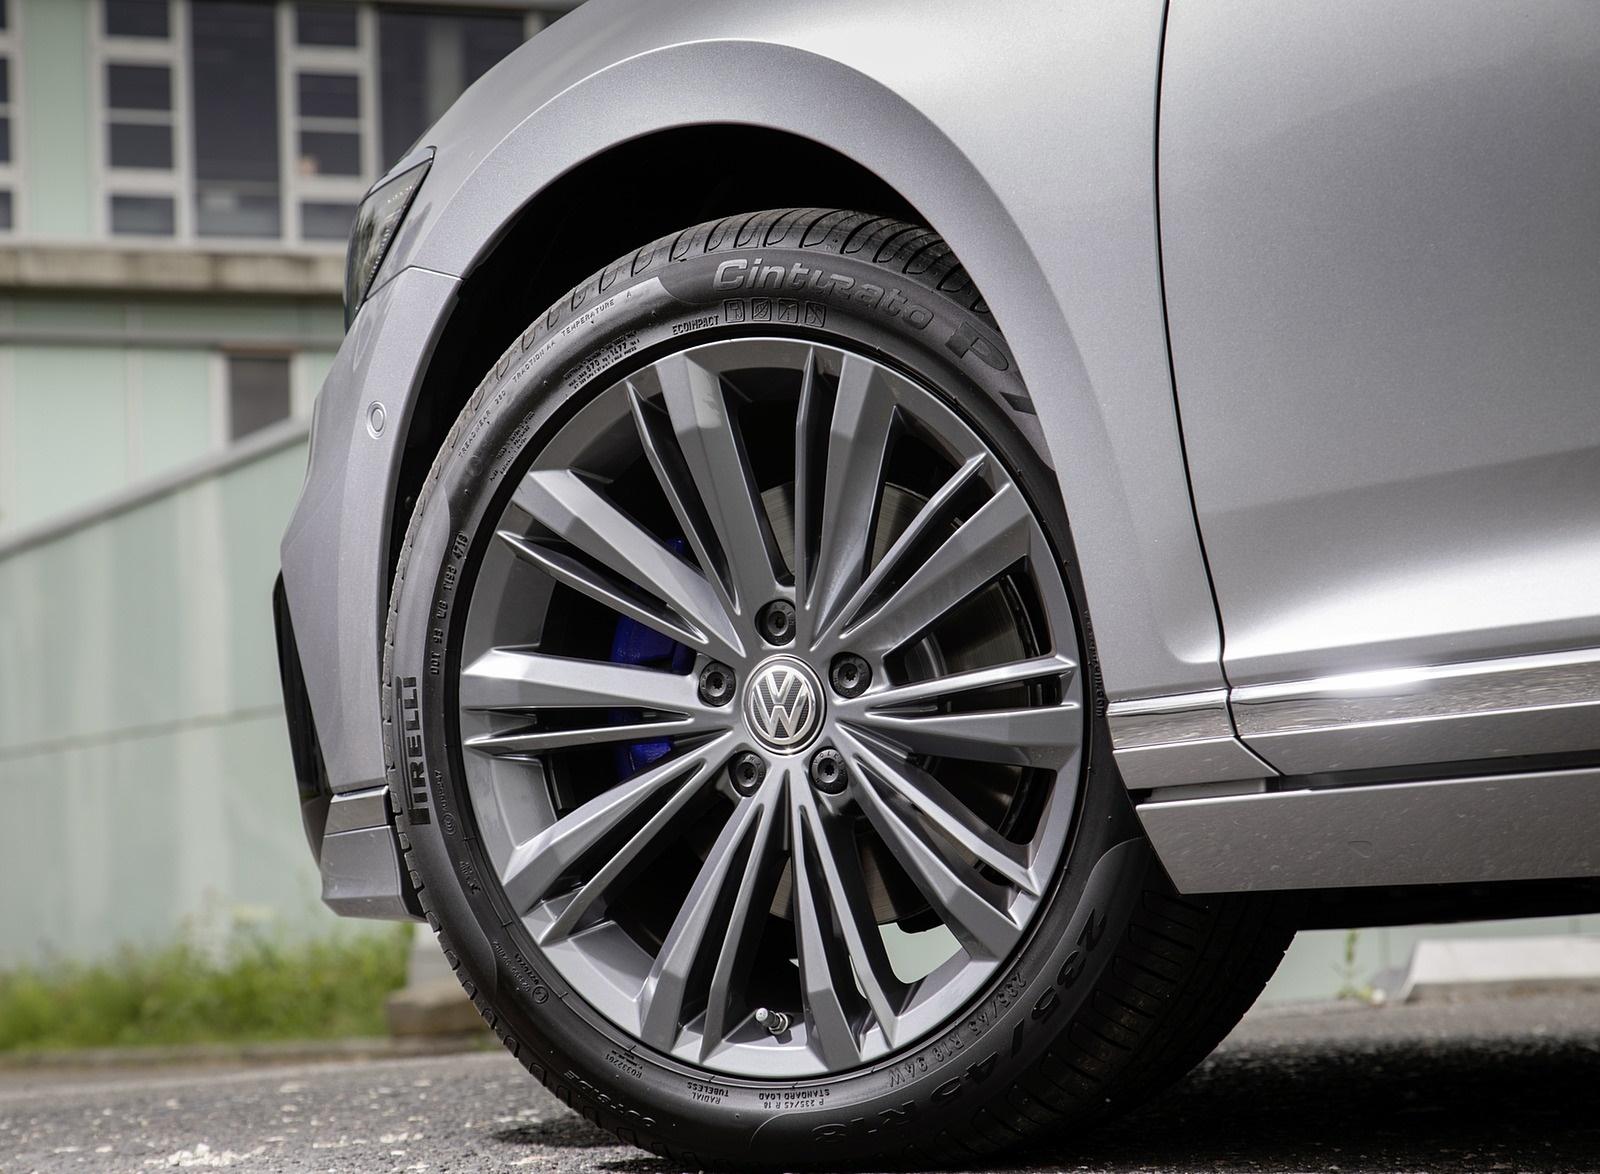 2020 Volkswagen Passat GTE Variant (Plug-In Hybrid EU-Spec) Wheel Wallpapers (15)